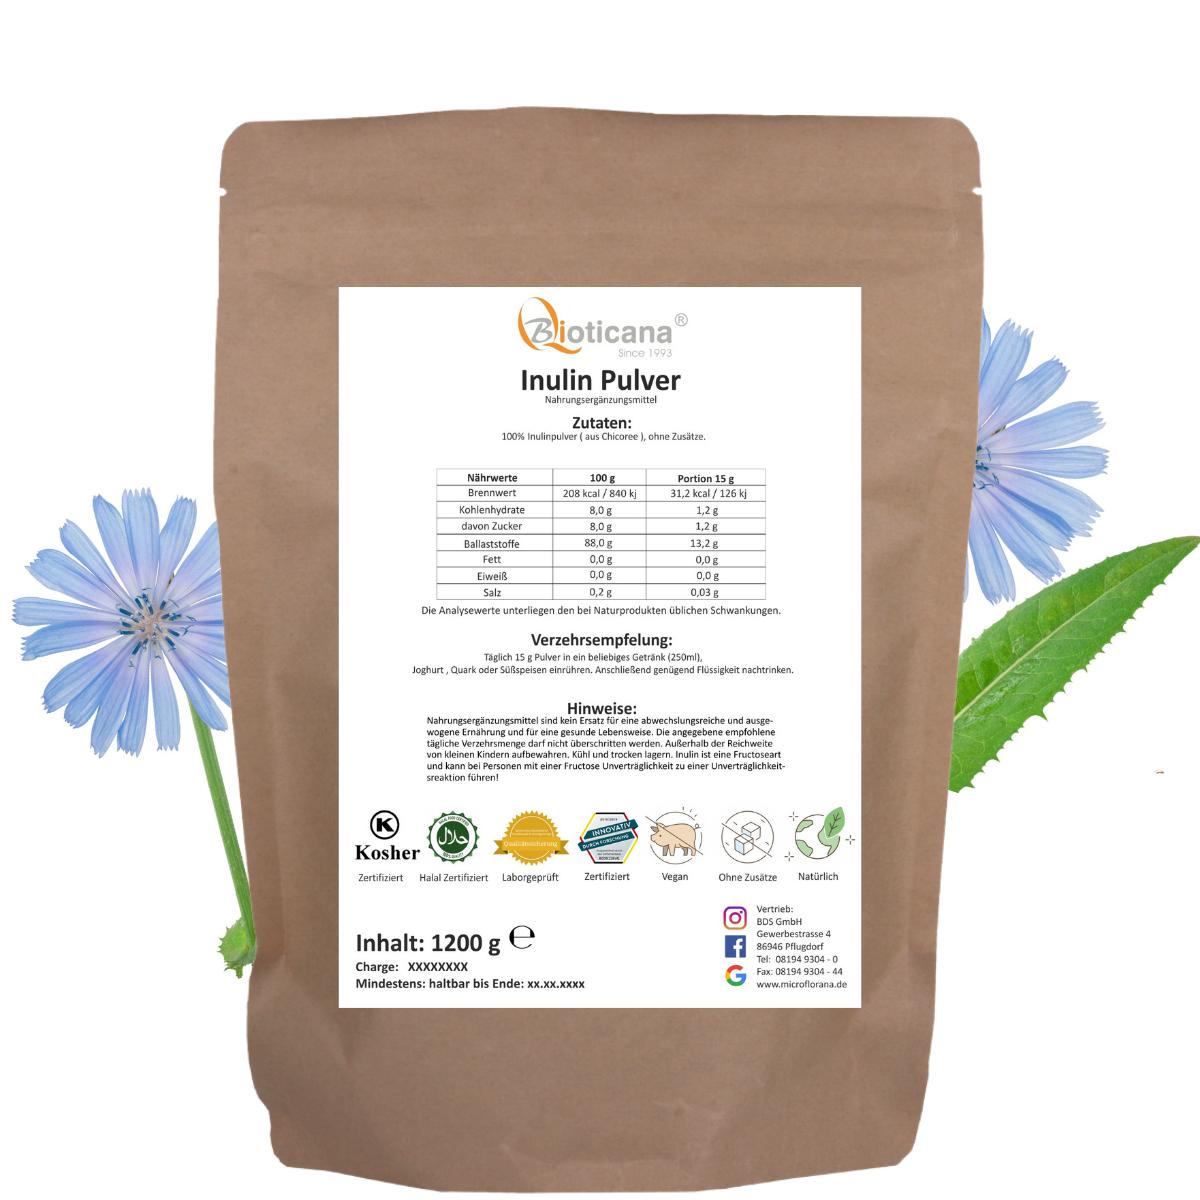 Inulin-Pulver-Vegan-Rücketikett